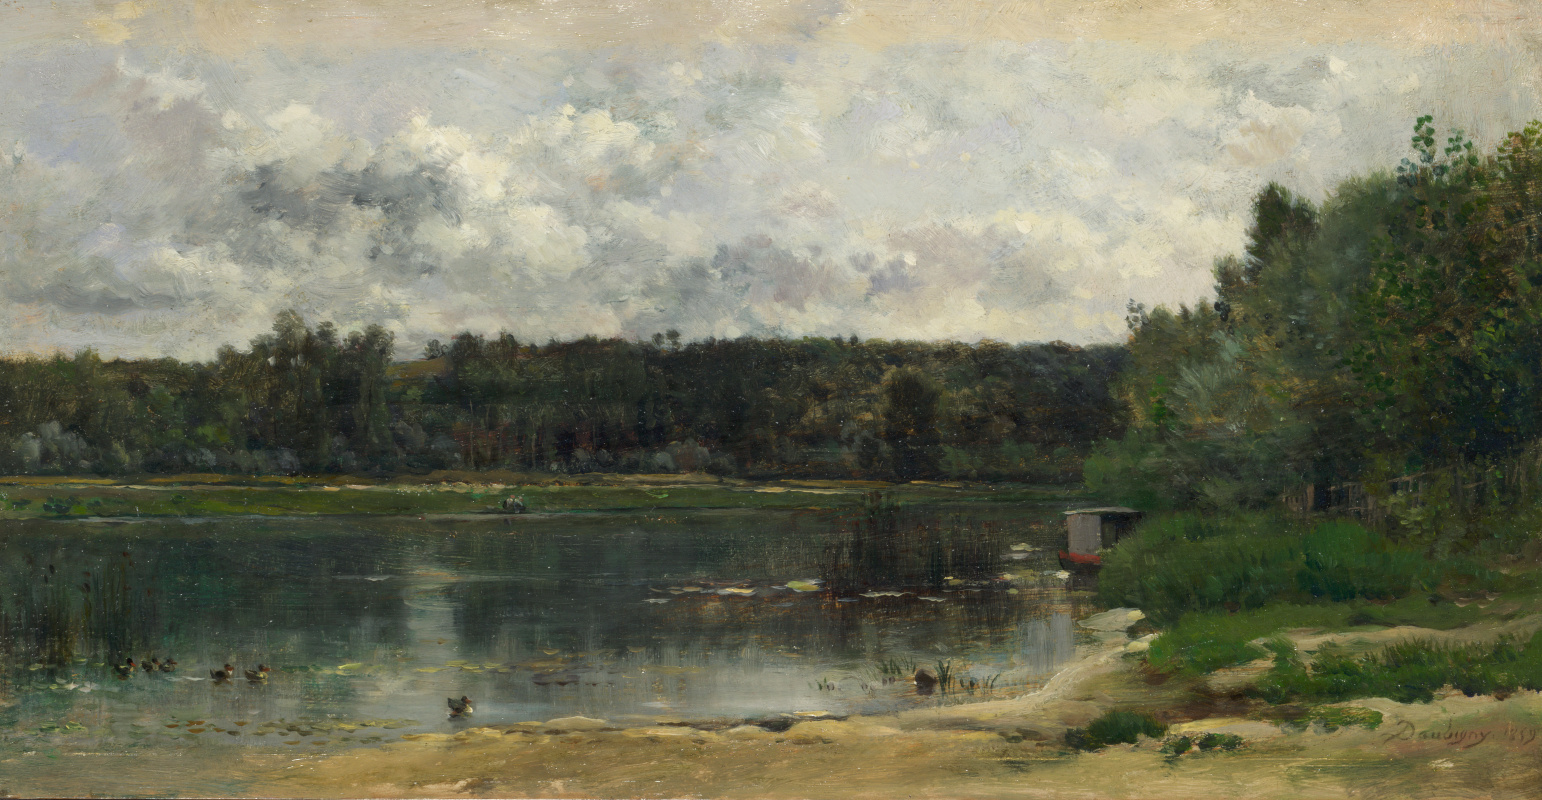 Шарль-Франсуа Добиньи. Река. Сцена с утками